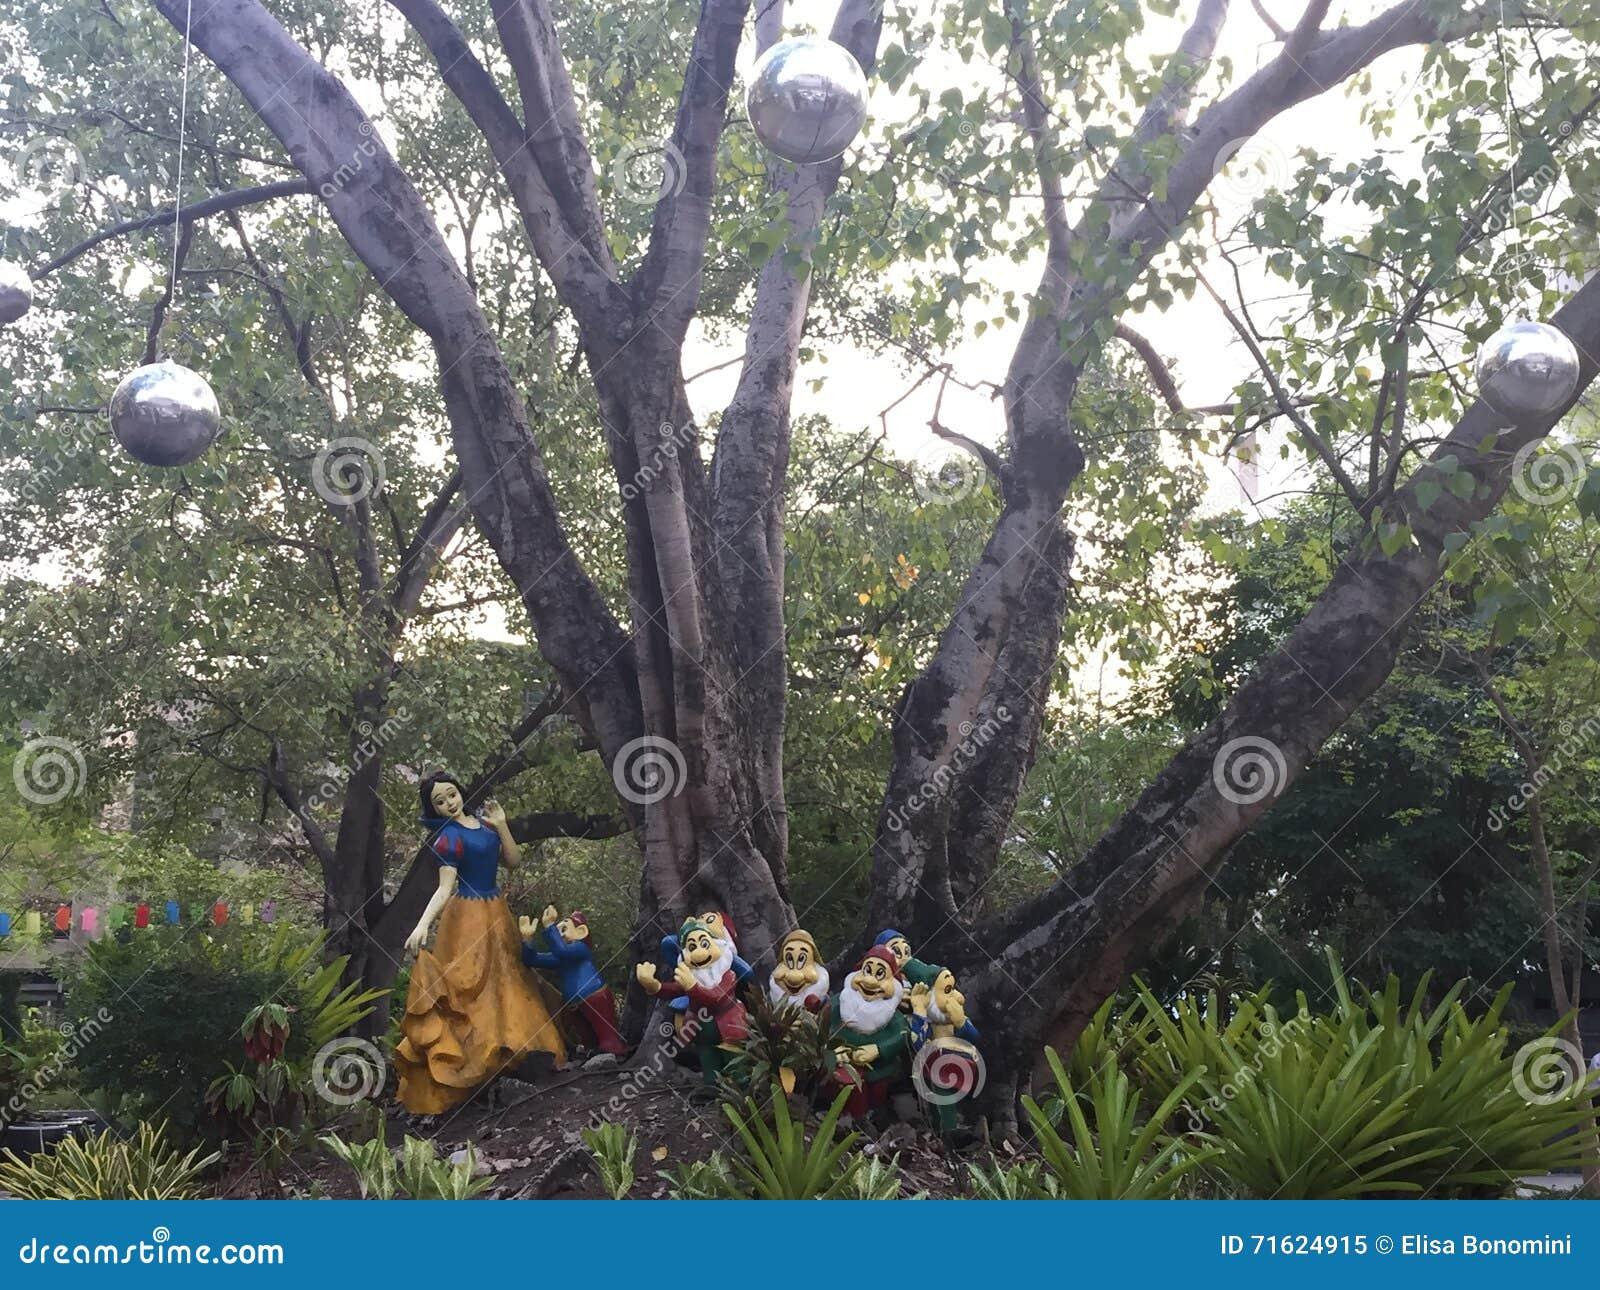 Snow white bangkok